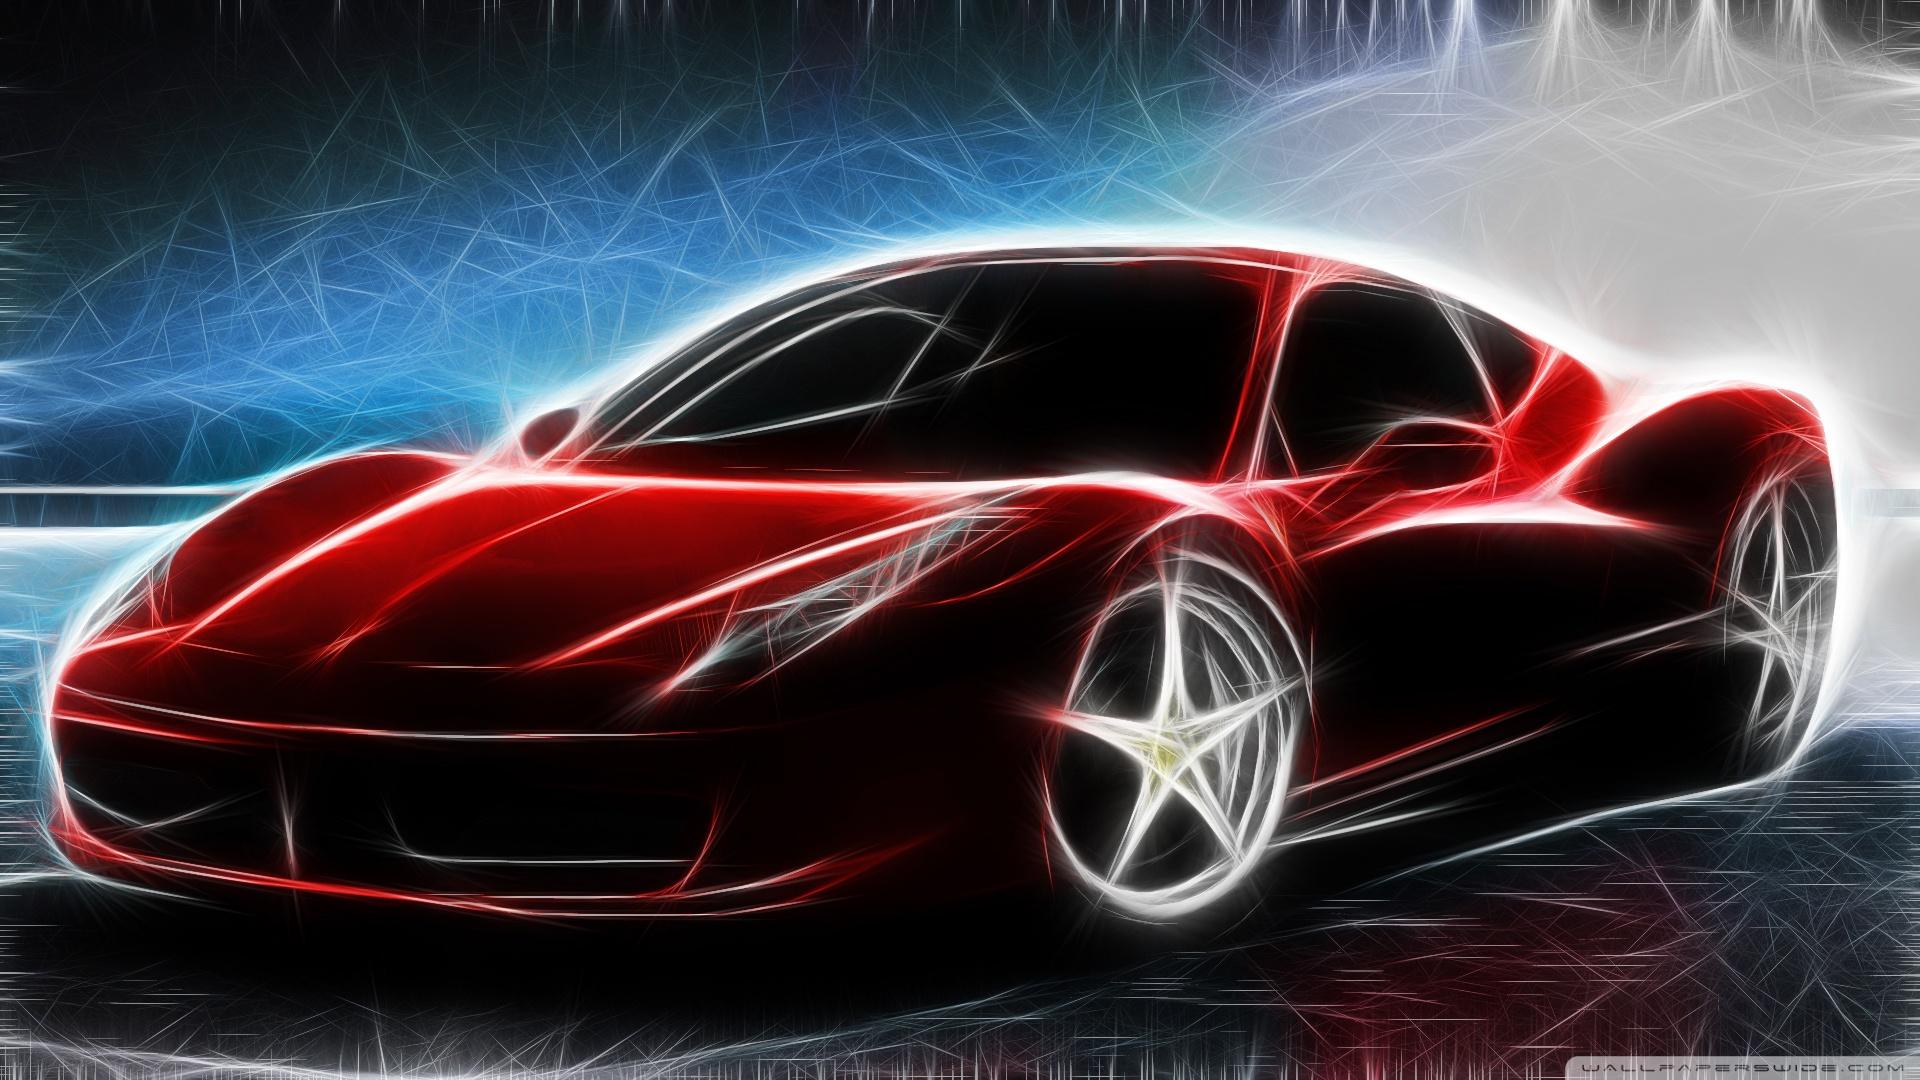 Fondos De Pantalla De Ferrari Fondosmil